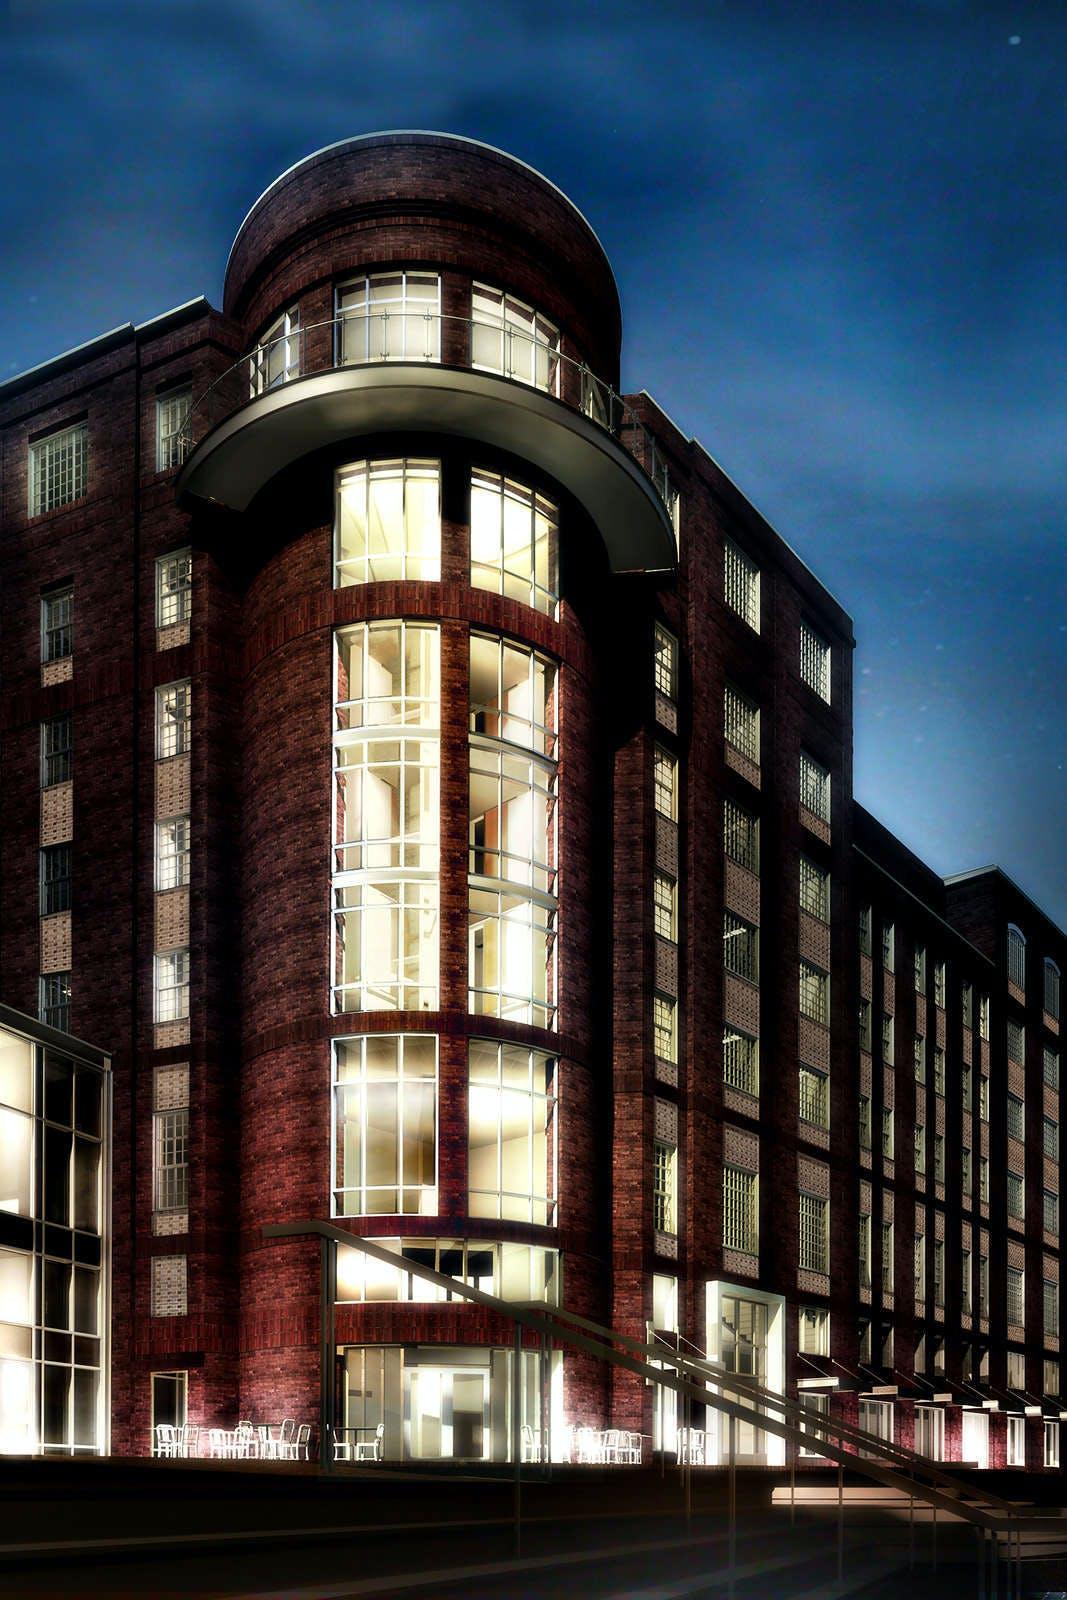 The Alida Hotel